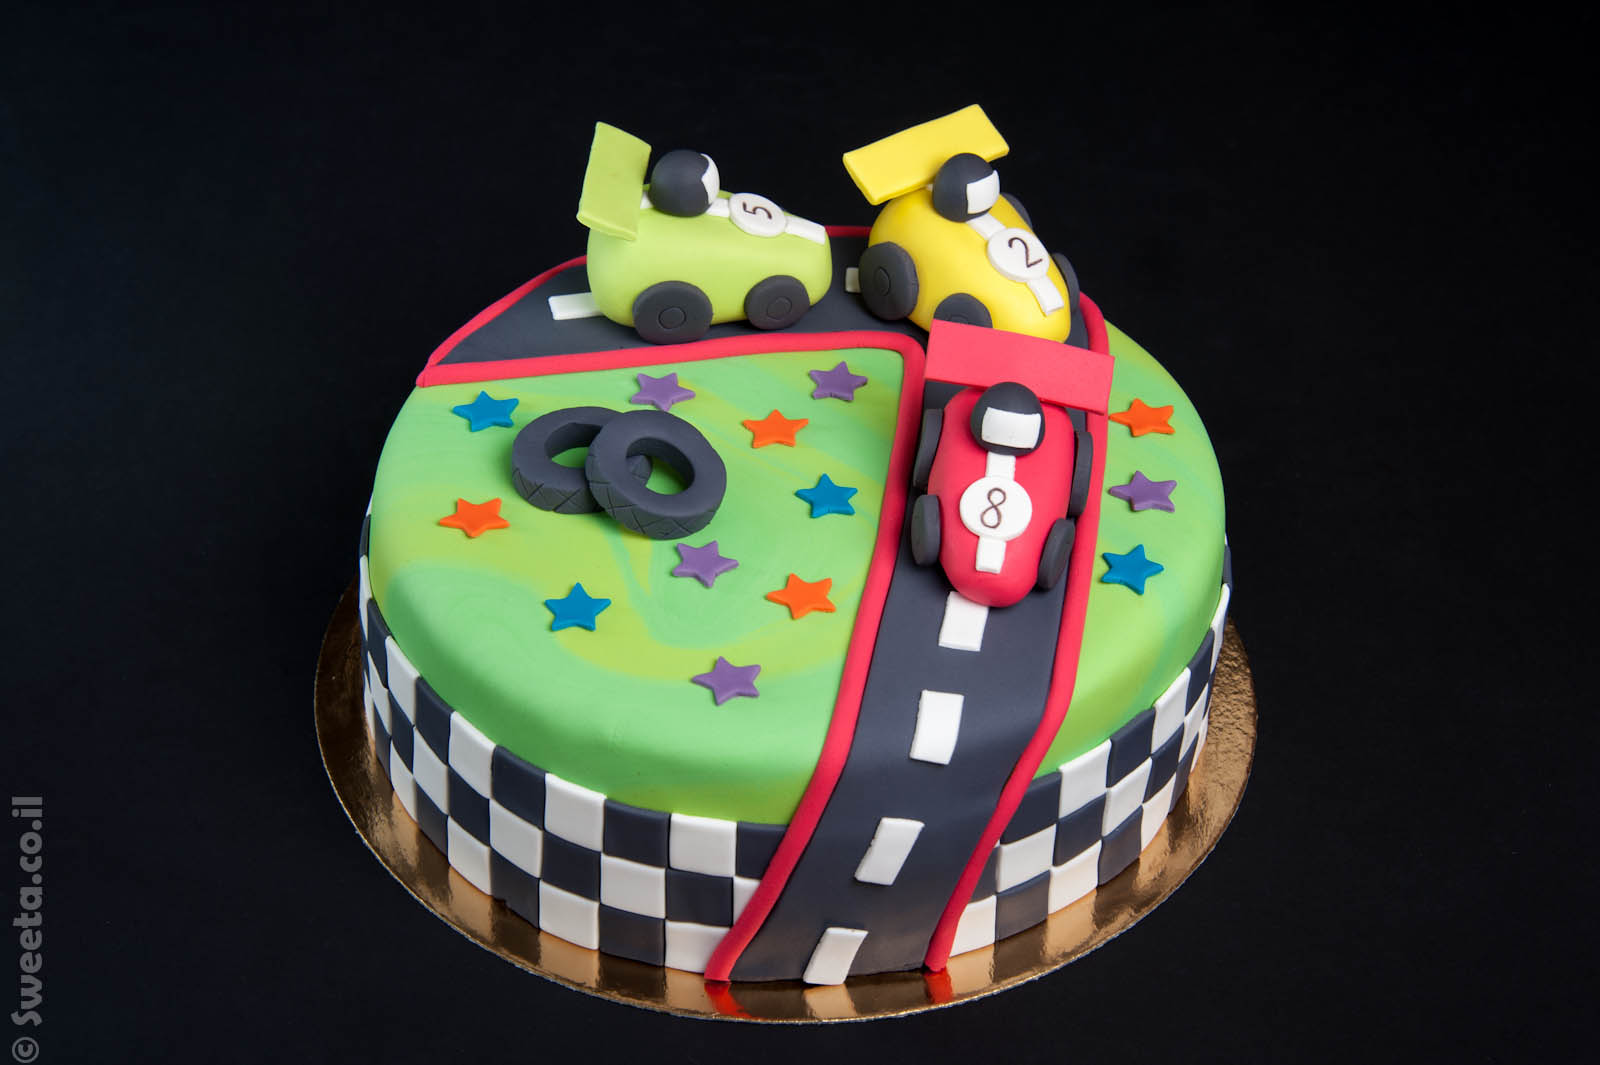 עוגת מכוניות מרוץ מעוצבות בבצק סוכר על מסלול